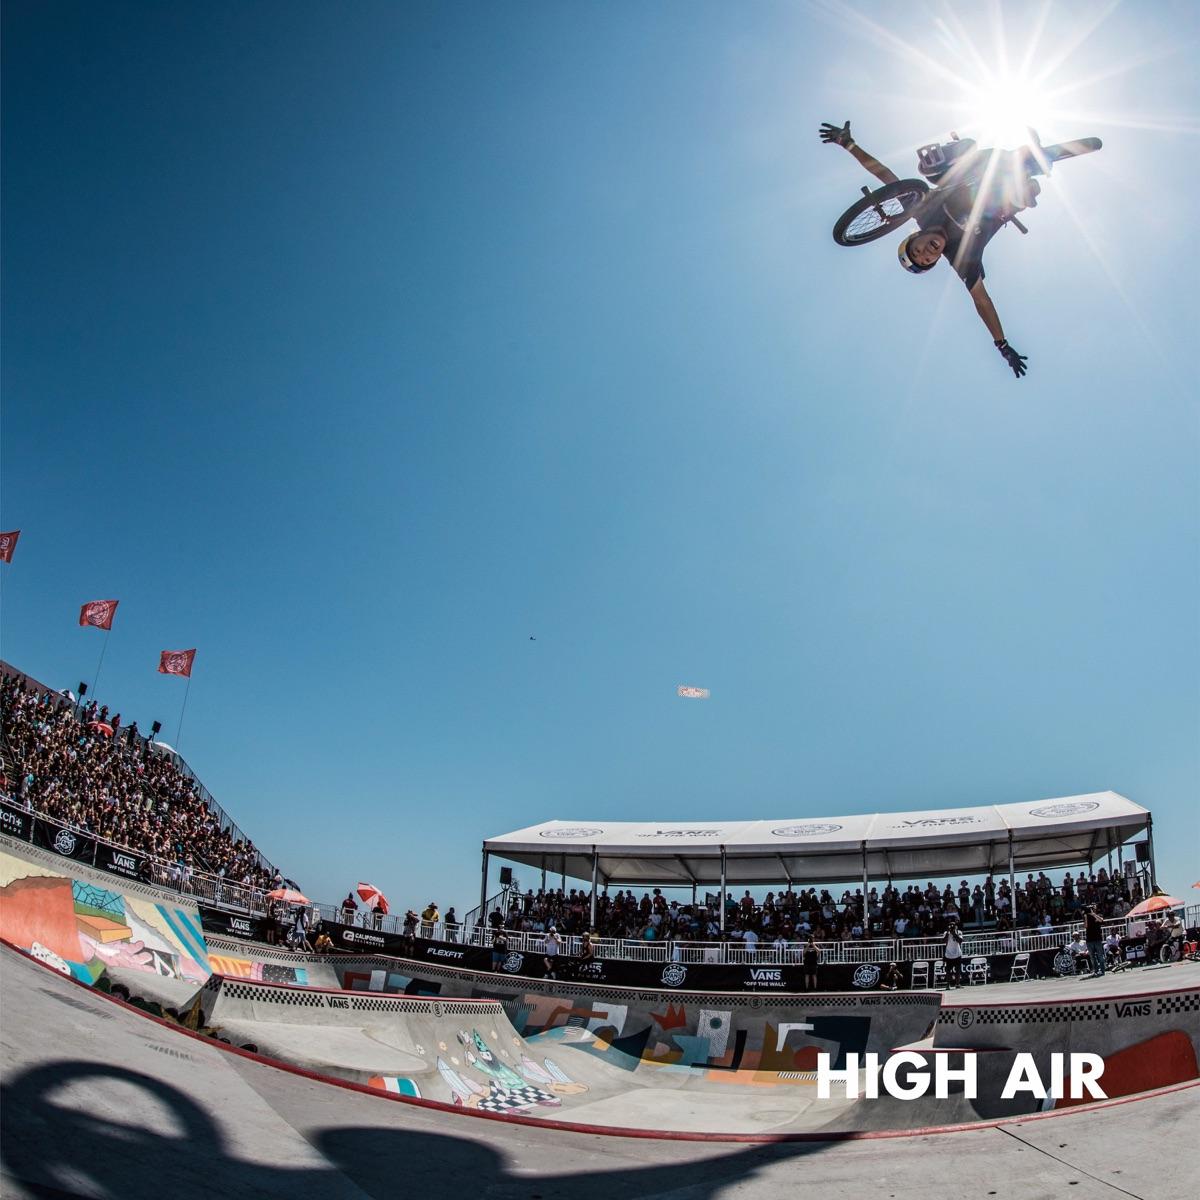 『ANARCHY - HIGH AIR』収録の『HIGH AIR』ジャケット